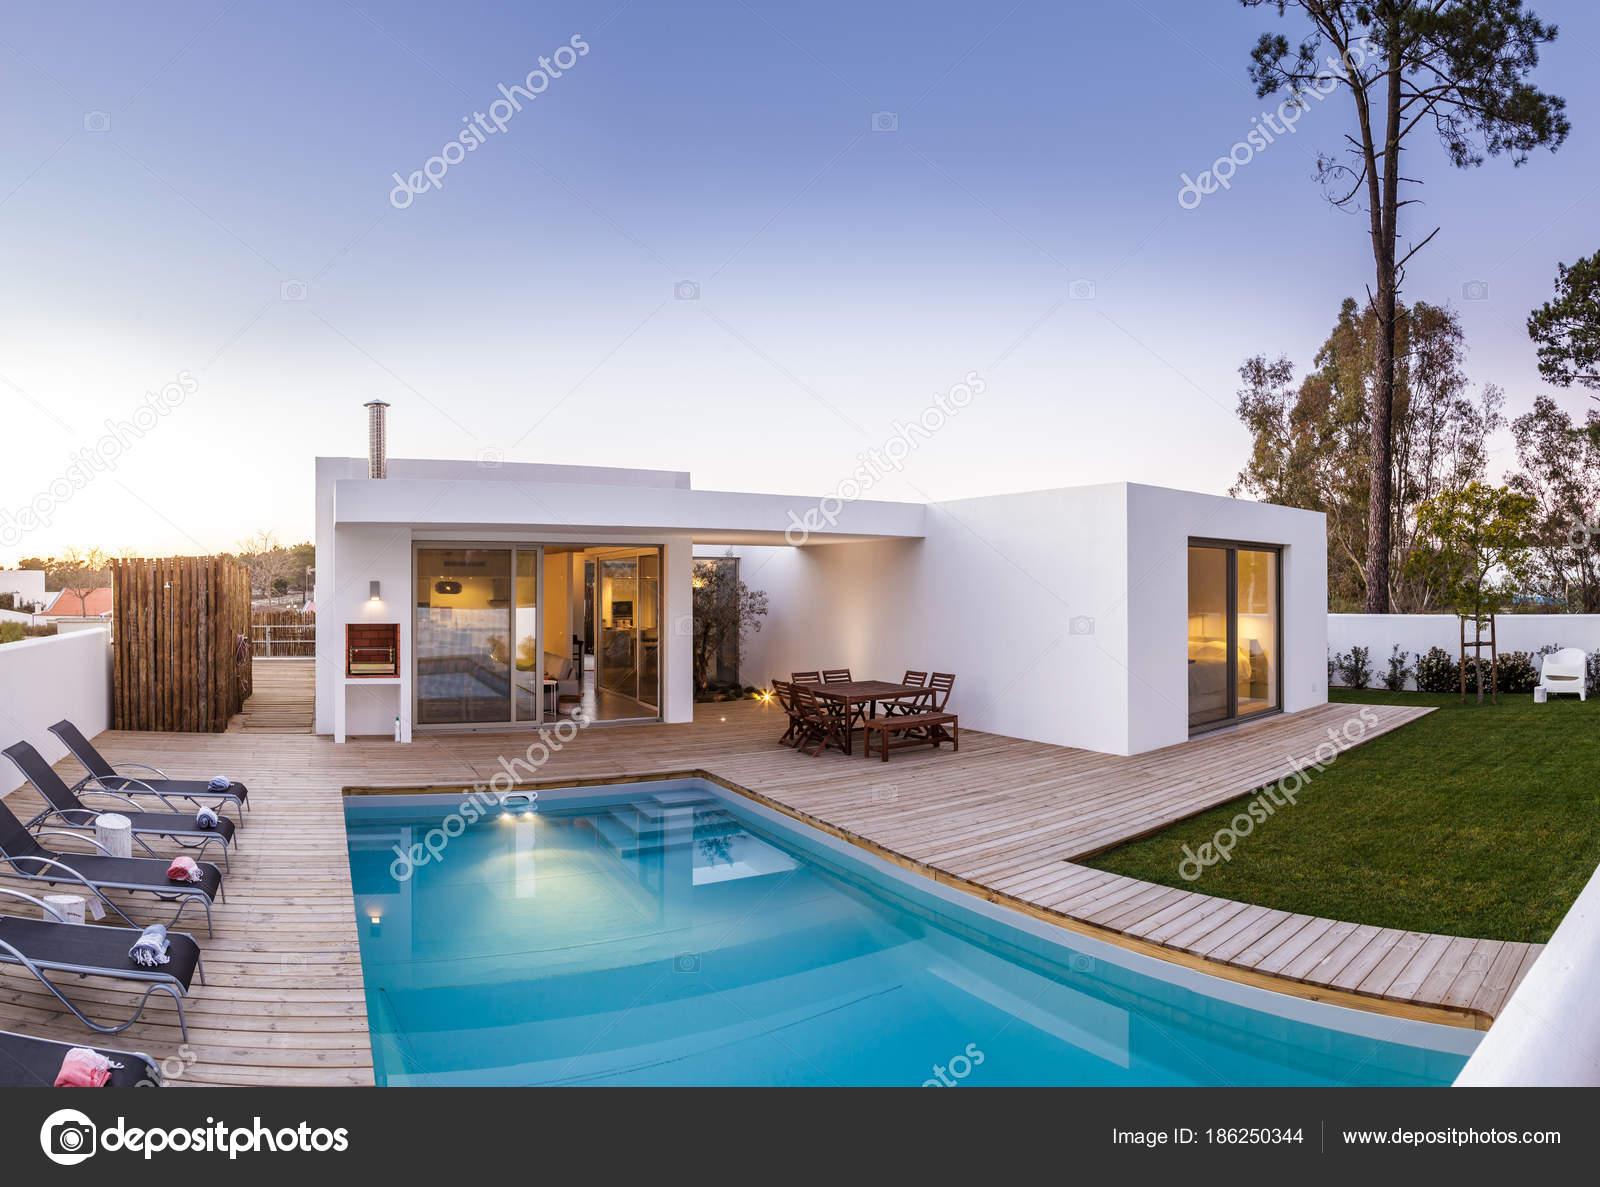 Casa moderna con giardino piscina e solarium in legno for Casa moderna piscina